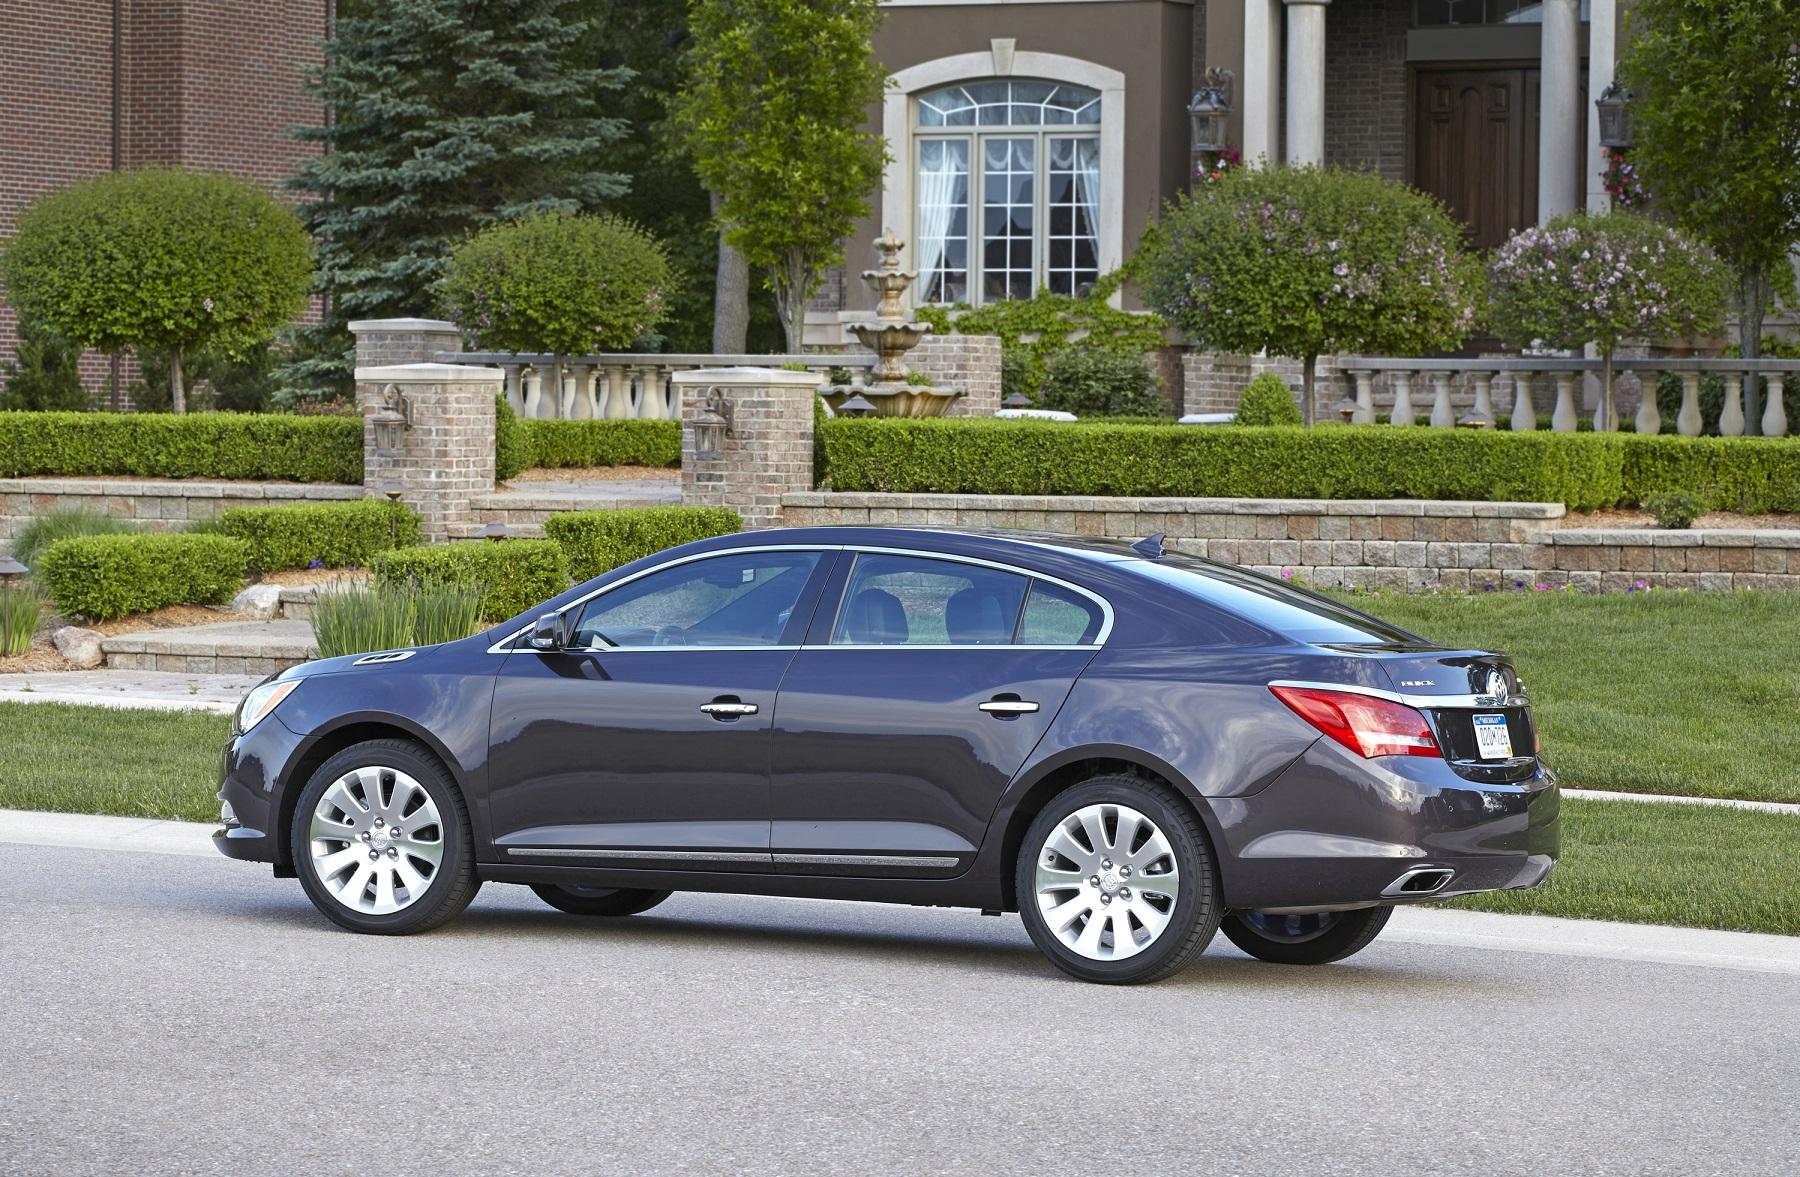 stock vehicle premium nm lacrosse photo i albuquerque sale sedan details buick for in